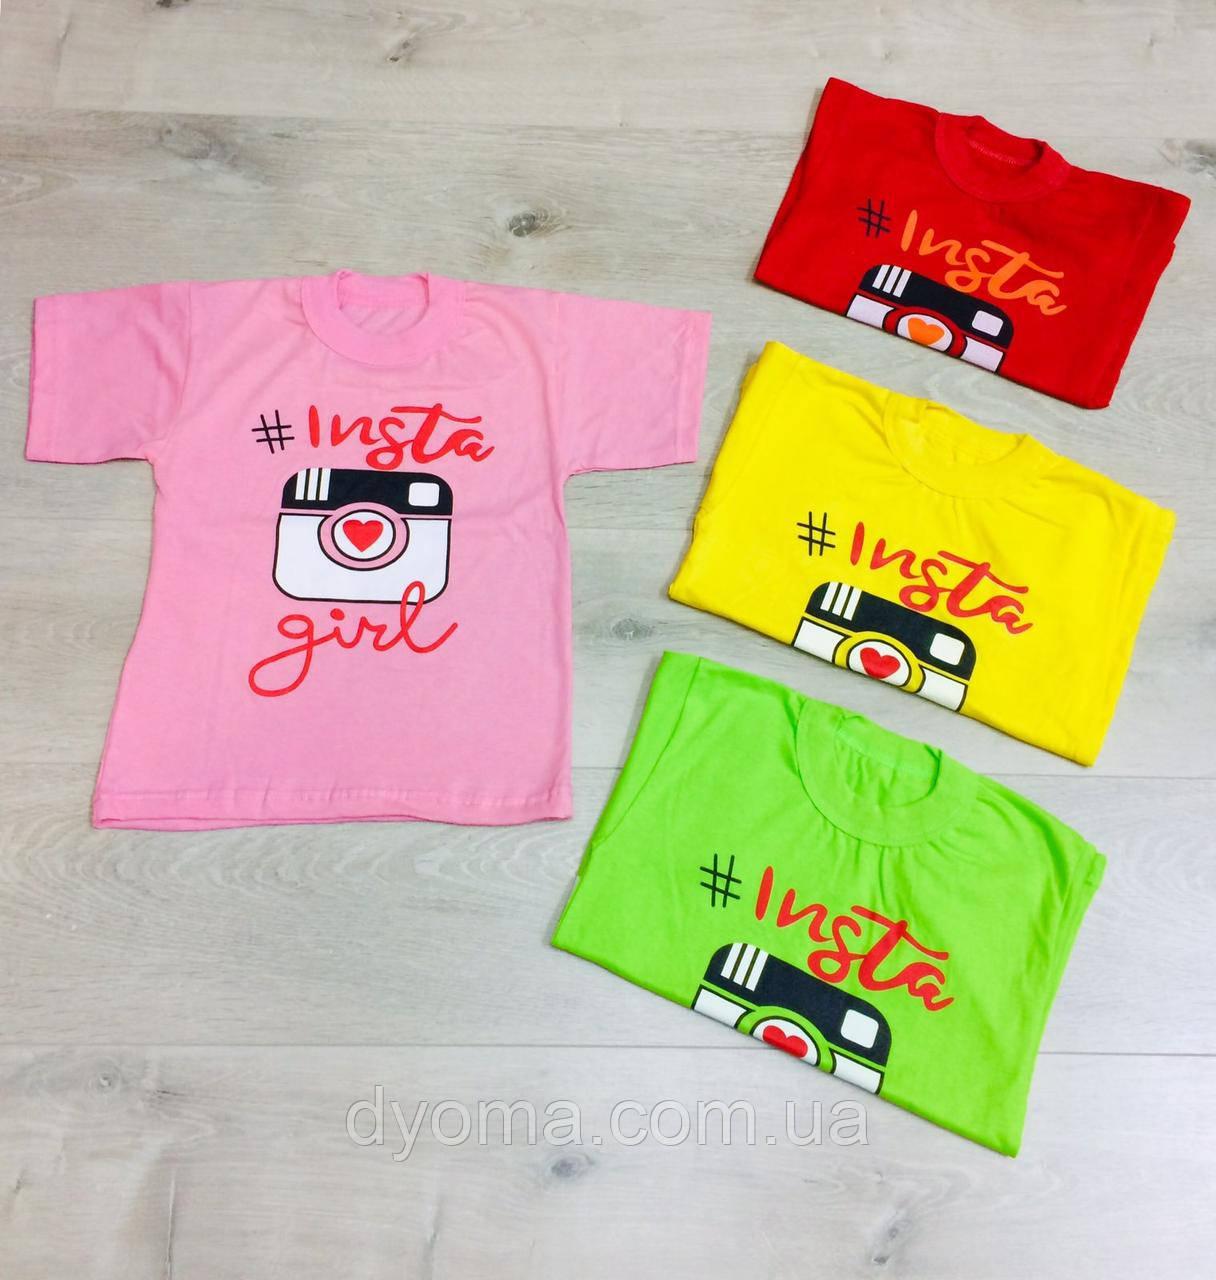 """Дитяча футболка """"Insta"""" для дівчаток"""